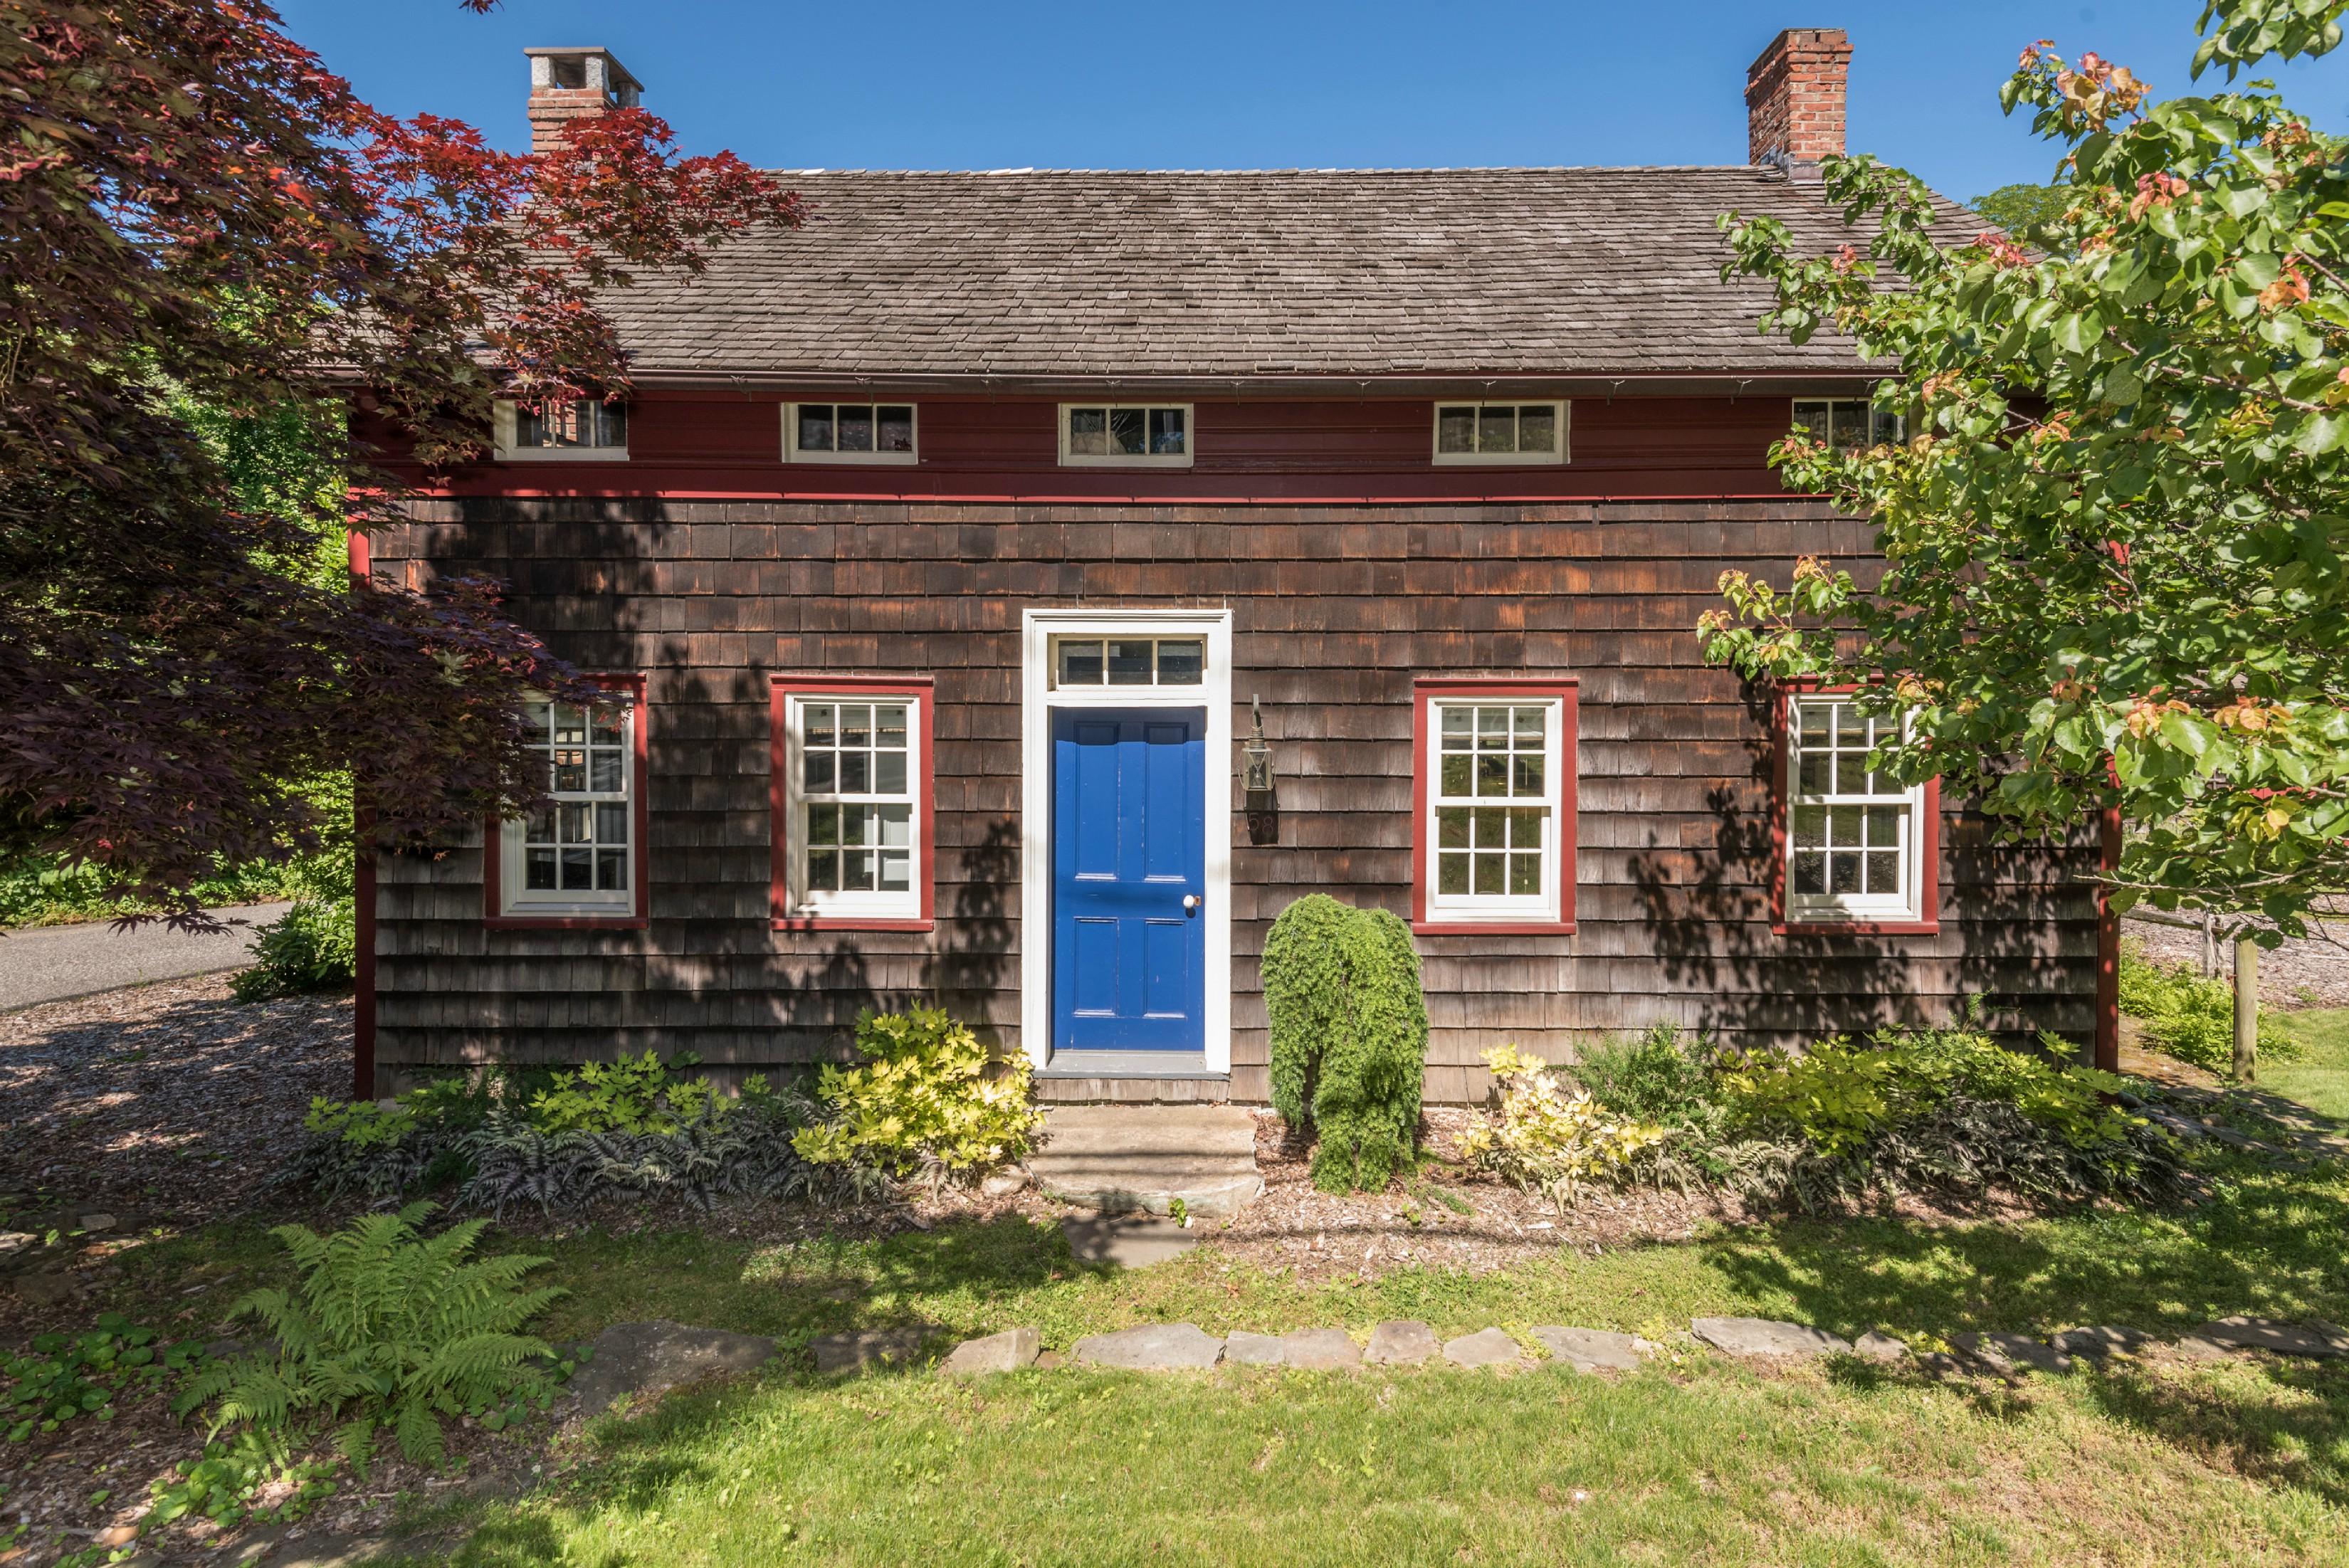 단독 가정 주택 용 매매 에 AntiqueHist 58 Main St Setauket, 뉴욕, 11733 미국